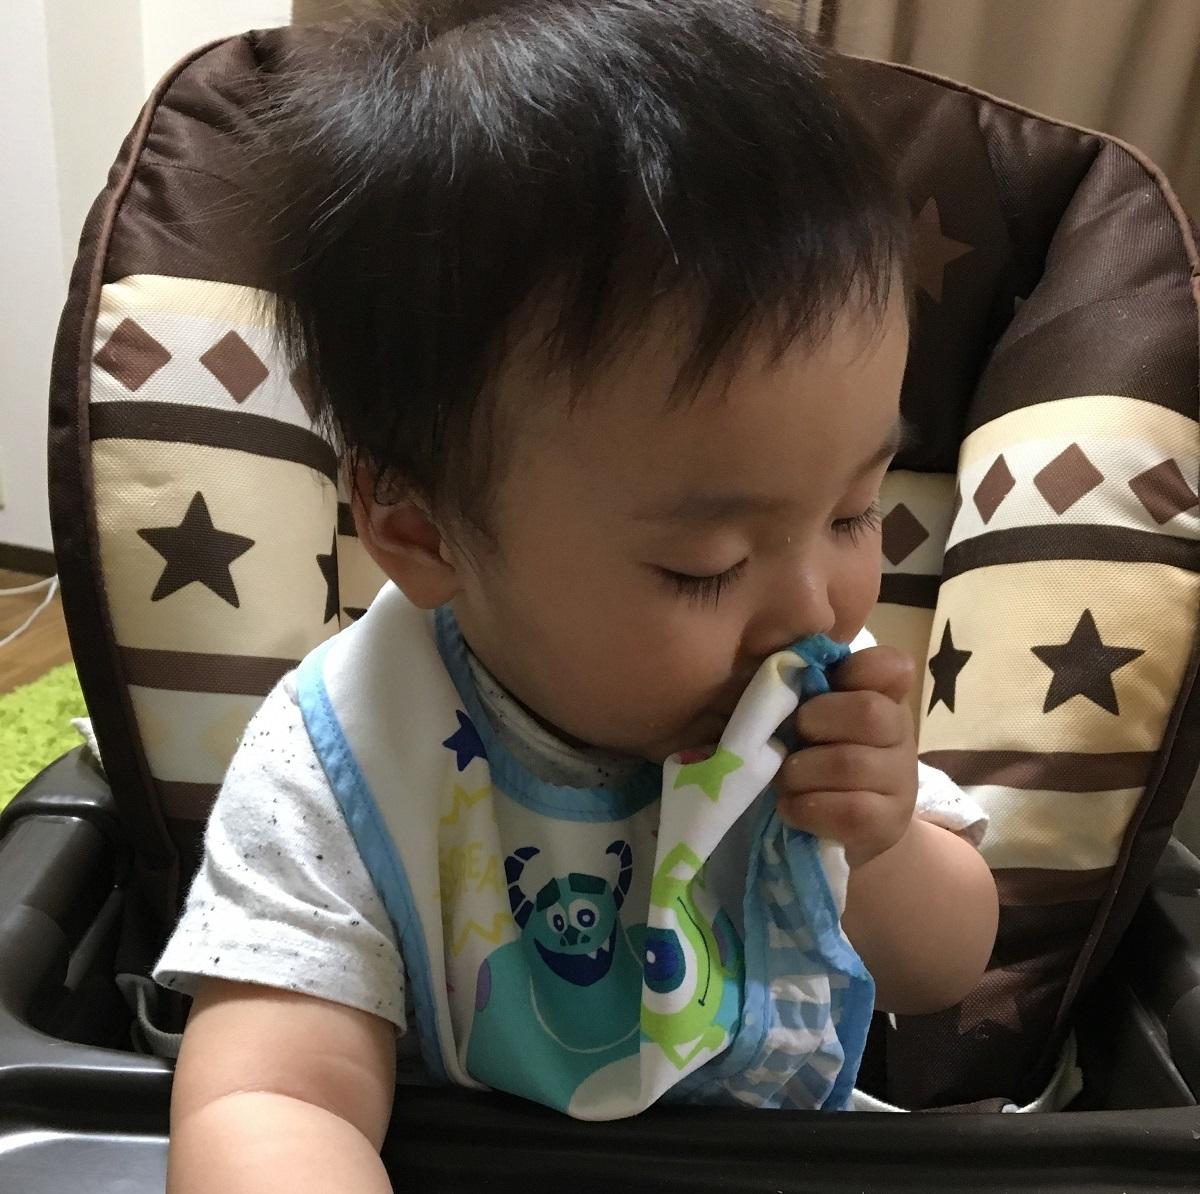 ワンオペ二人目育児必需品 あると便利な育児グッズ リビング ハイローラックハイローチェア コンビ